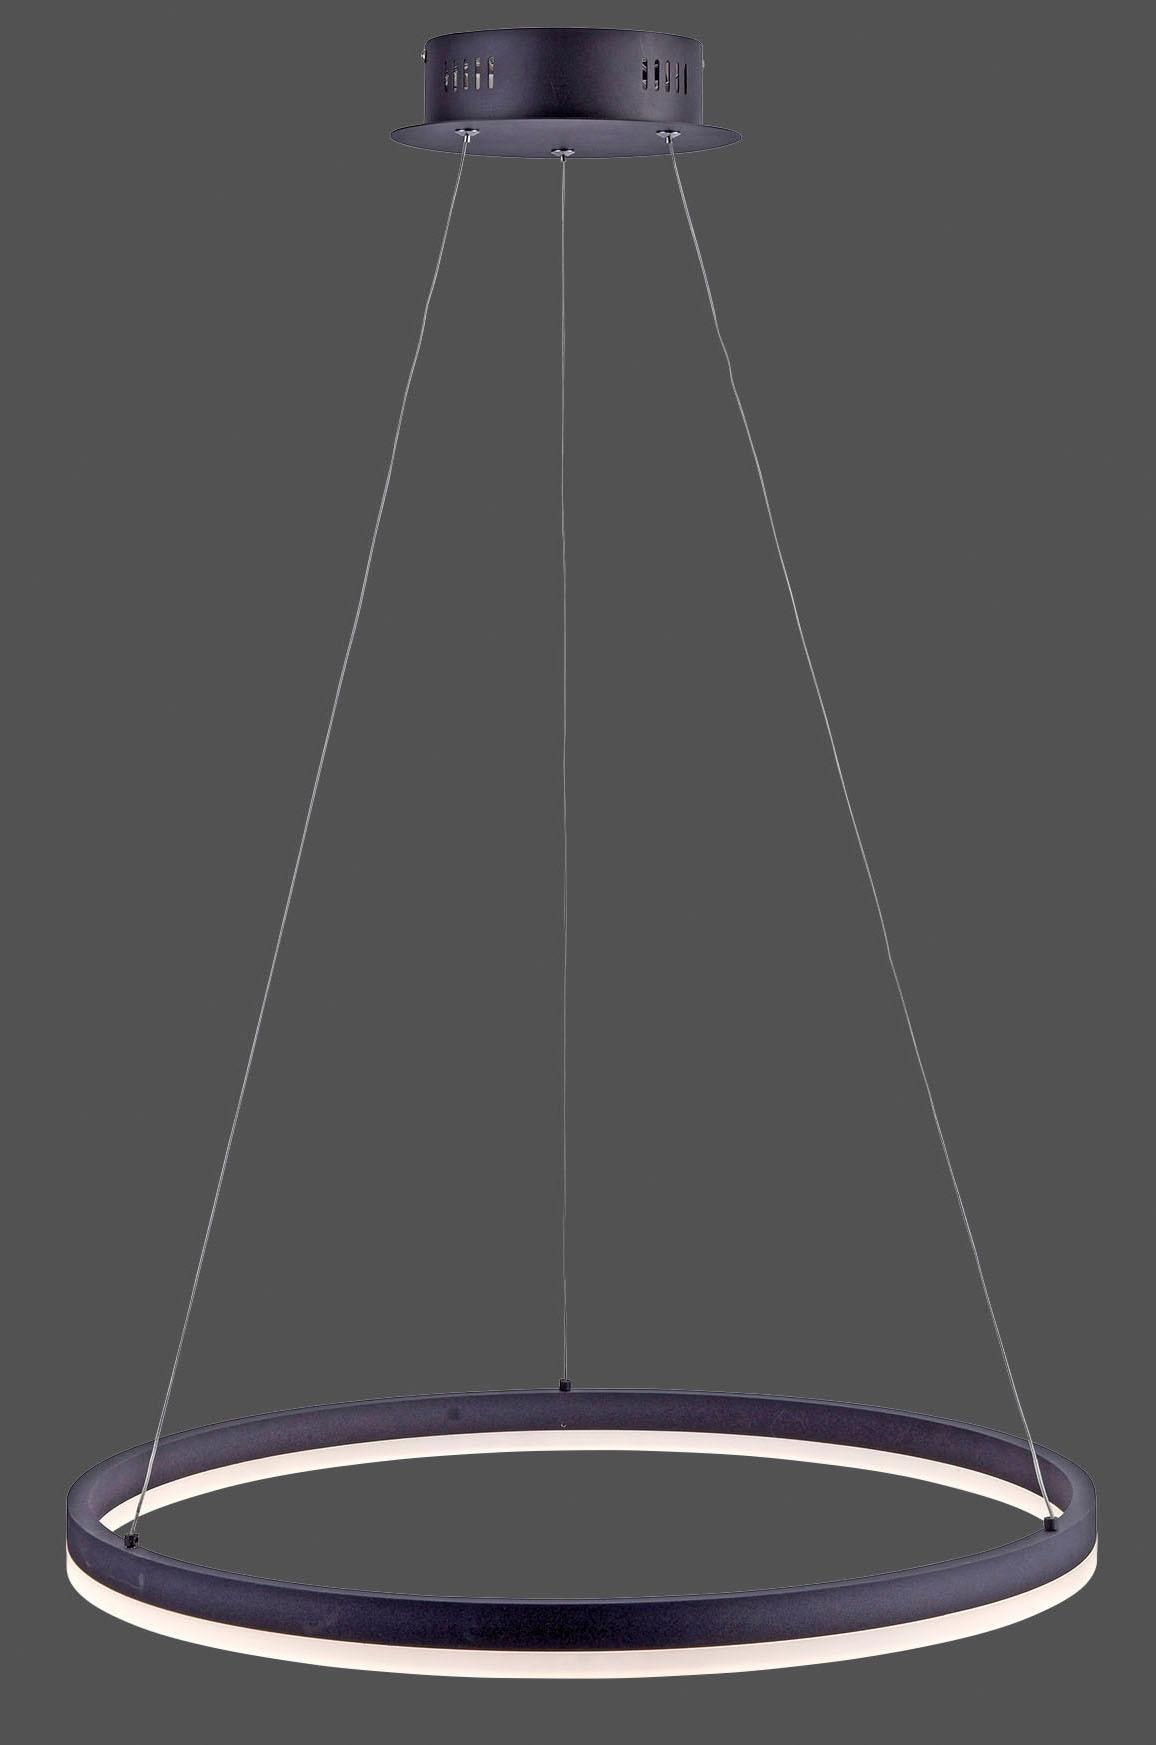 Paul Neuhaus Pendelleuchte TITUS, LED-Board, Warmweiß, Hängeleuchte, stufenlos dimmbar, mit fest integriertem LED-Leuchtmittel, Memoryfunktion, 60 cm Durchmesser